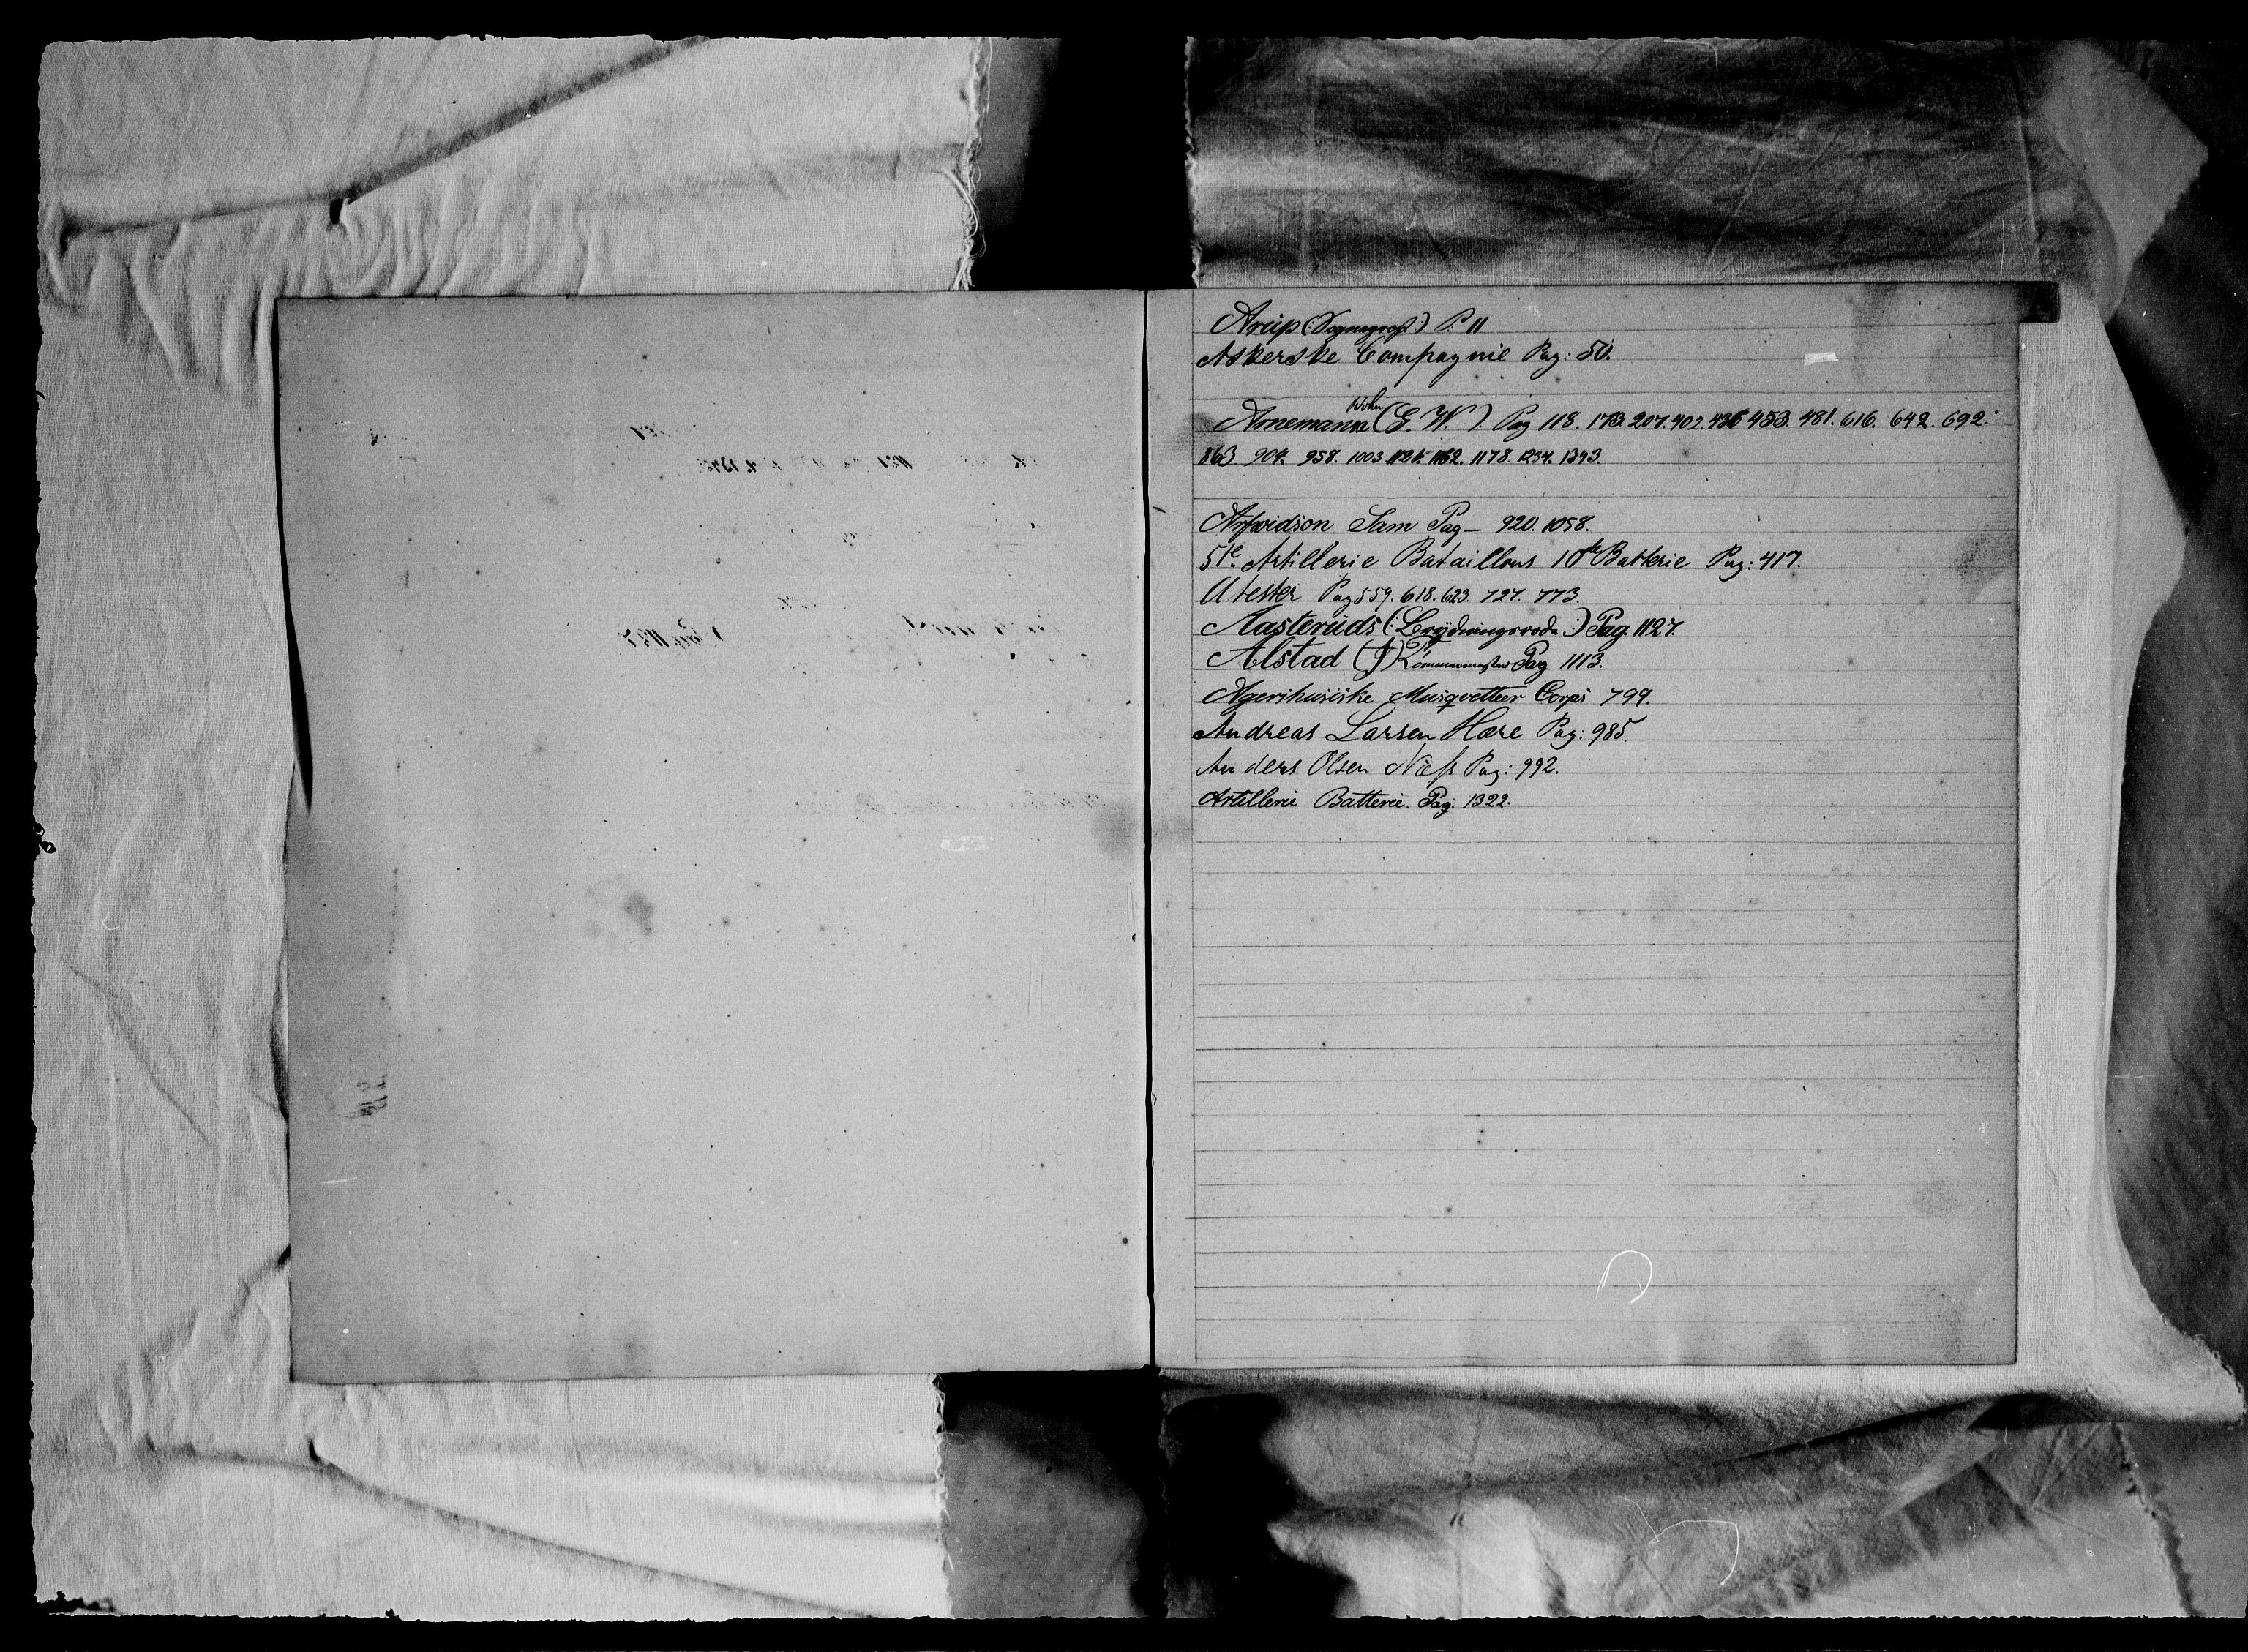 RA, Modums Blaafarveværk, G/Gb/L0078, 1840-1841, s. 2